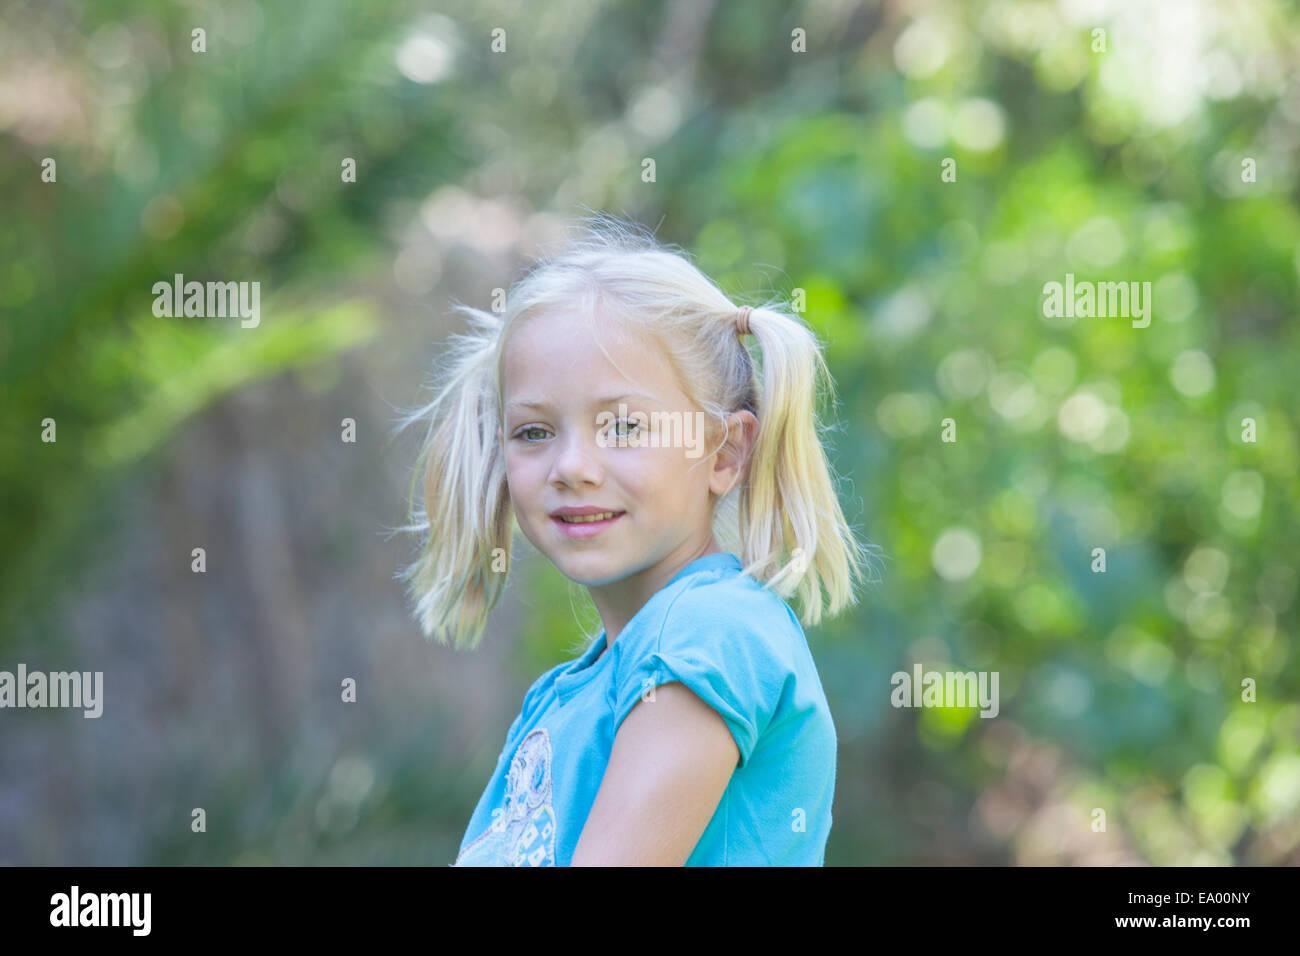 Ritratto di una ragazza che guarda lontano in giardino Immagini Stock